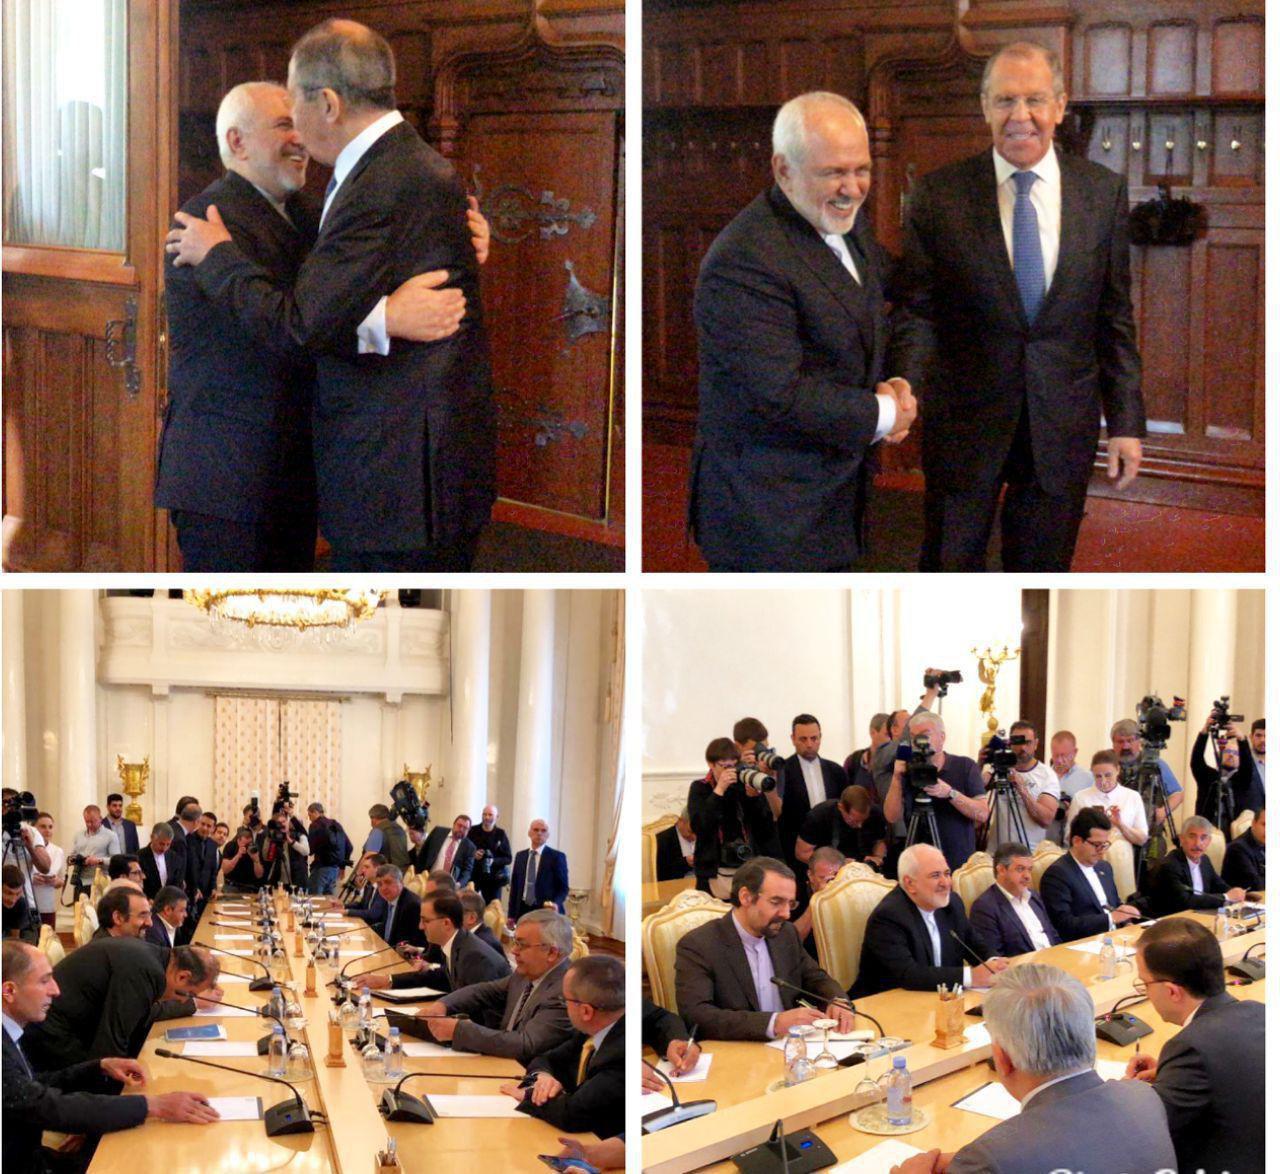 استقبال وزیرخارجه روسیه از ظریف (عکس)